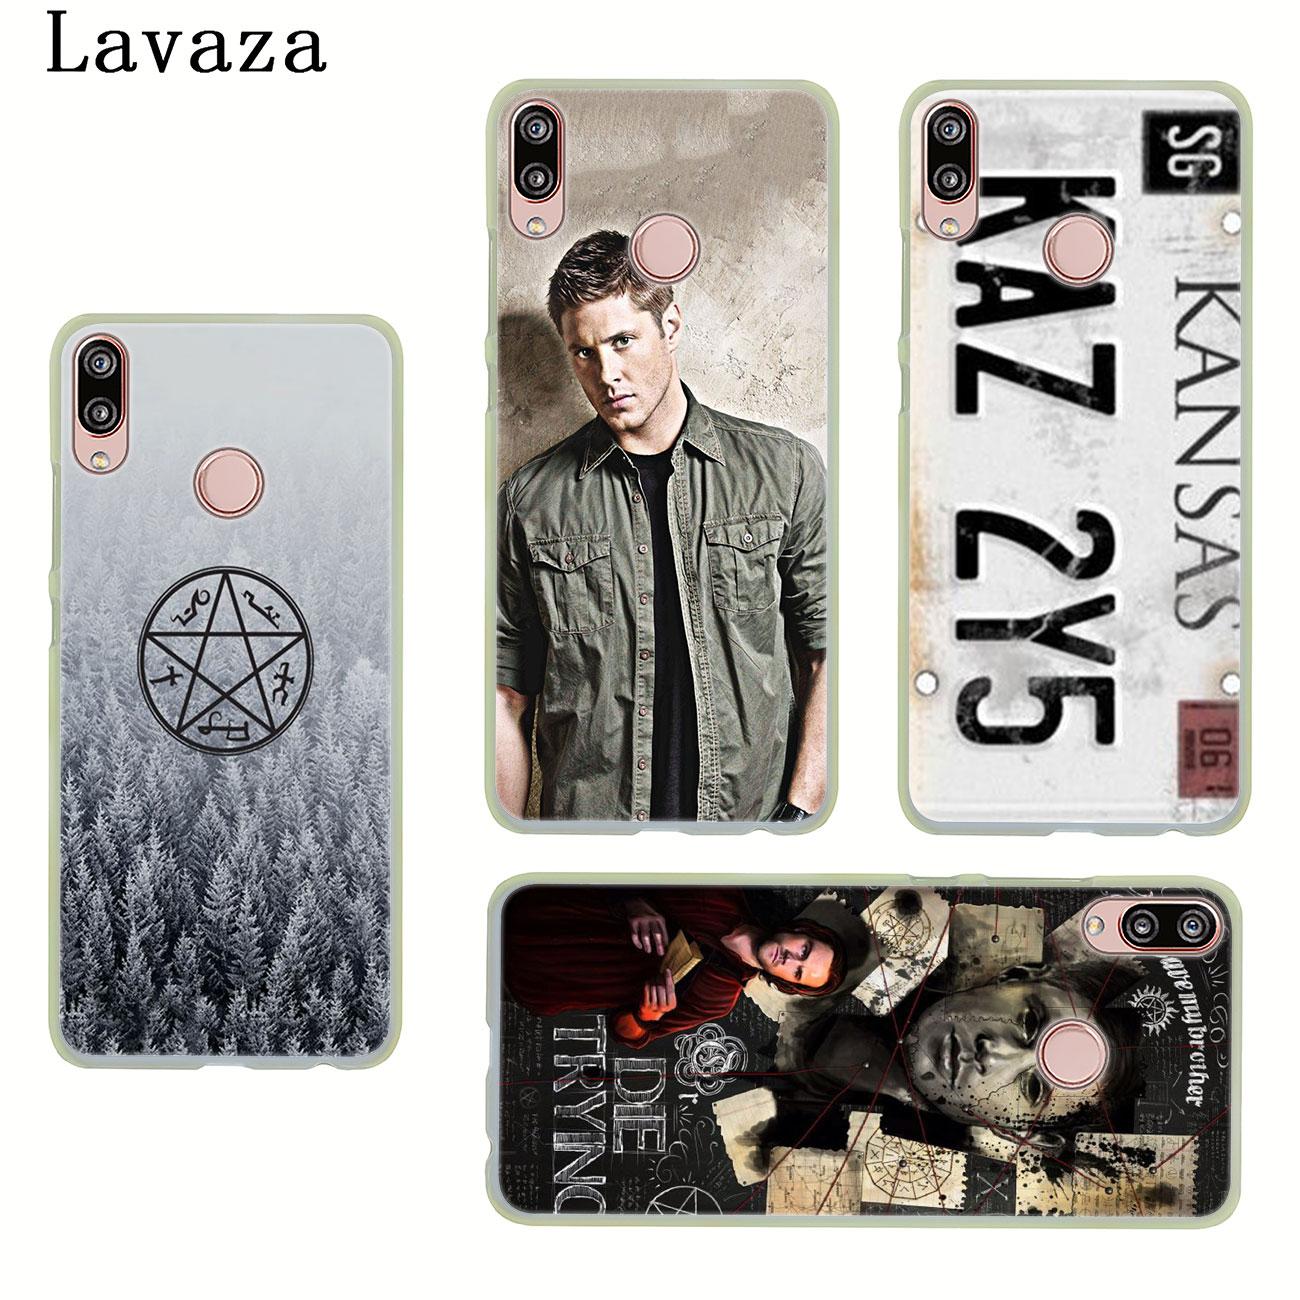 Lavaza Supernatural Jared Padalecki Phone Case for Huawei P30 P20 P10 P9 Plus P8 Lite Mini 2017 2016 P smart Z 2019